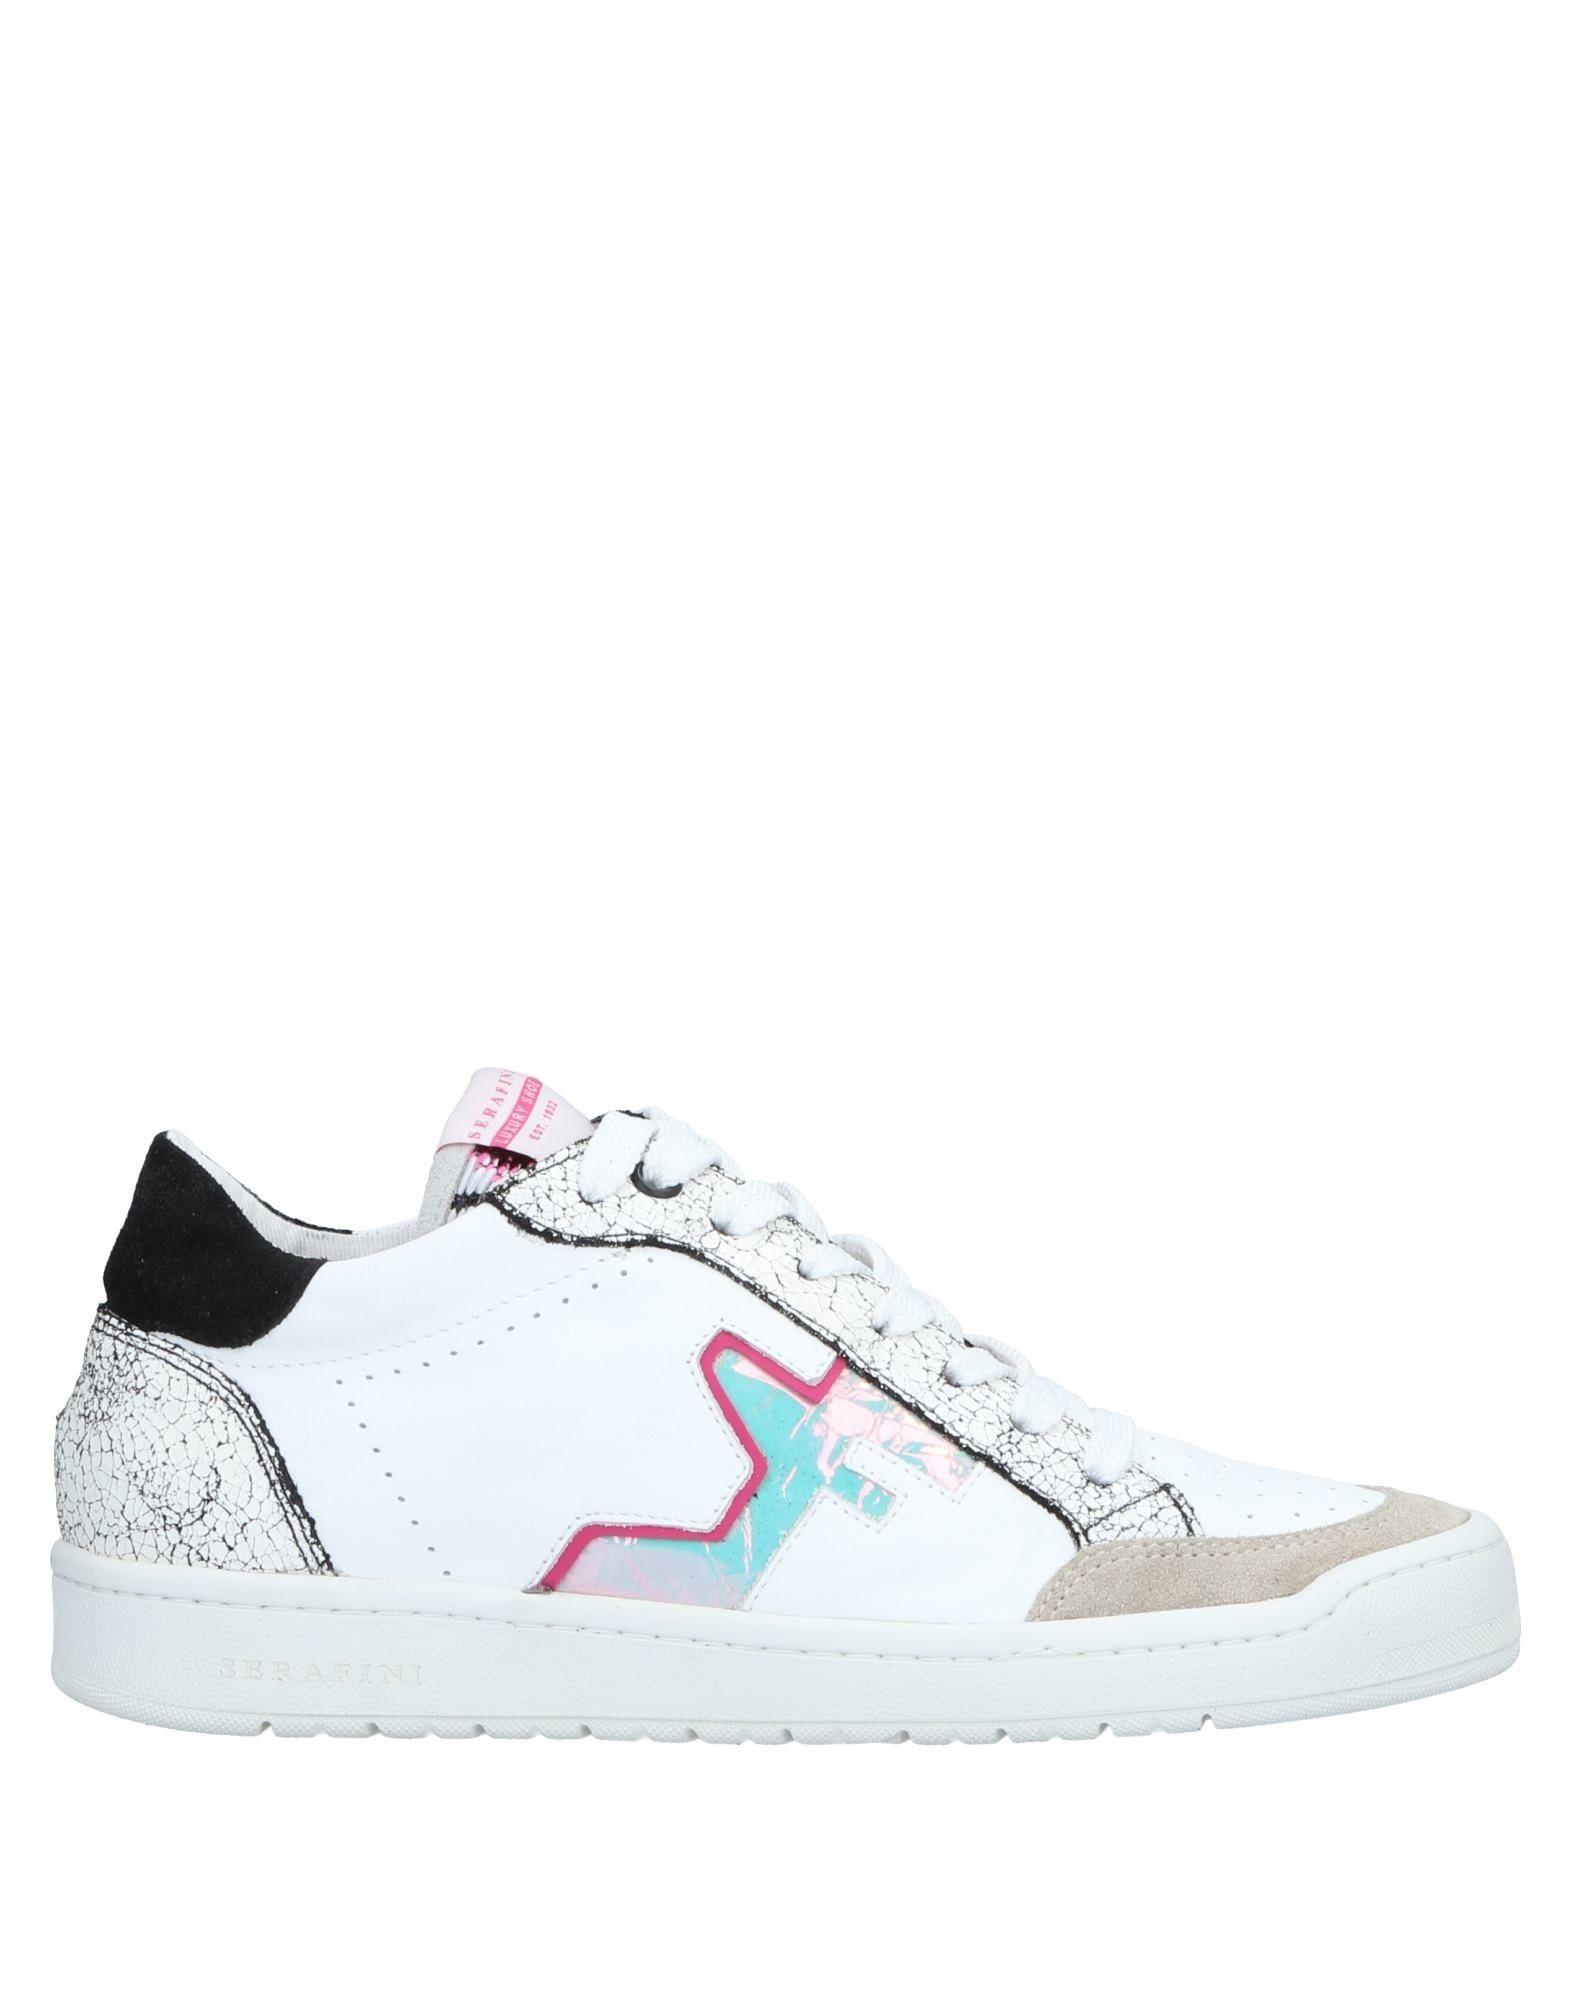 SERAFINI Sneakers in White